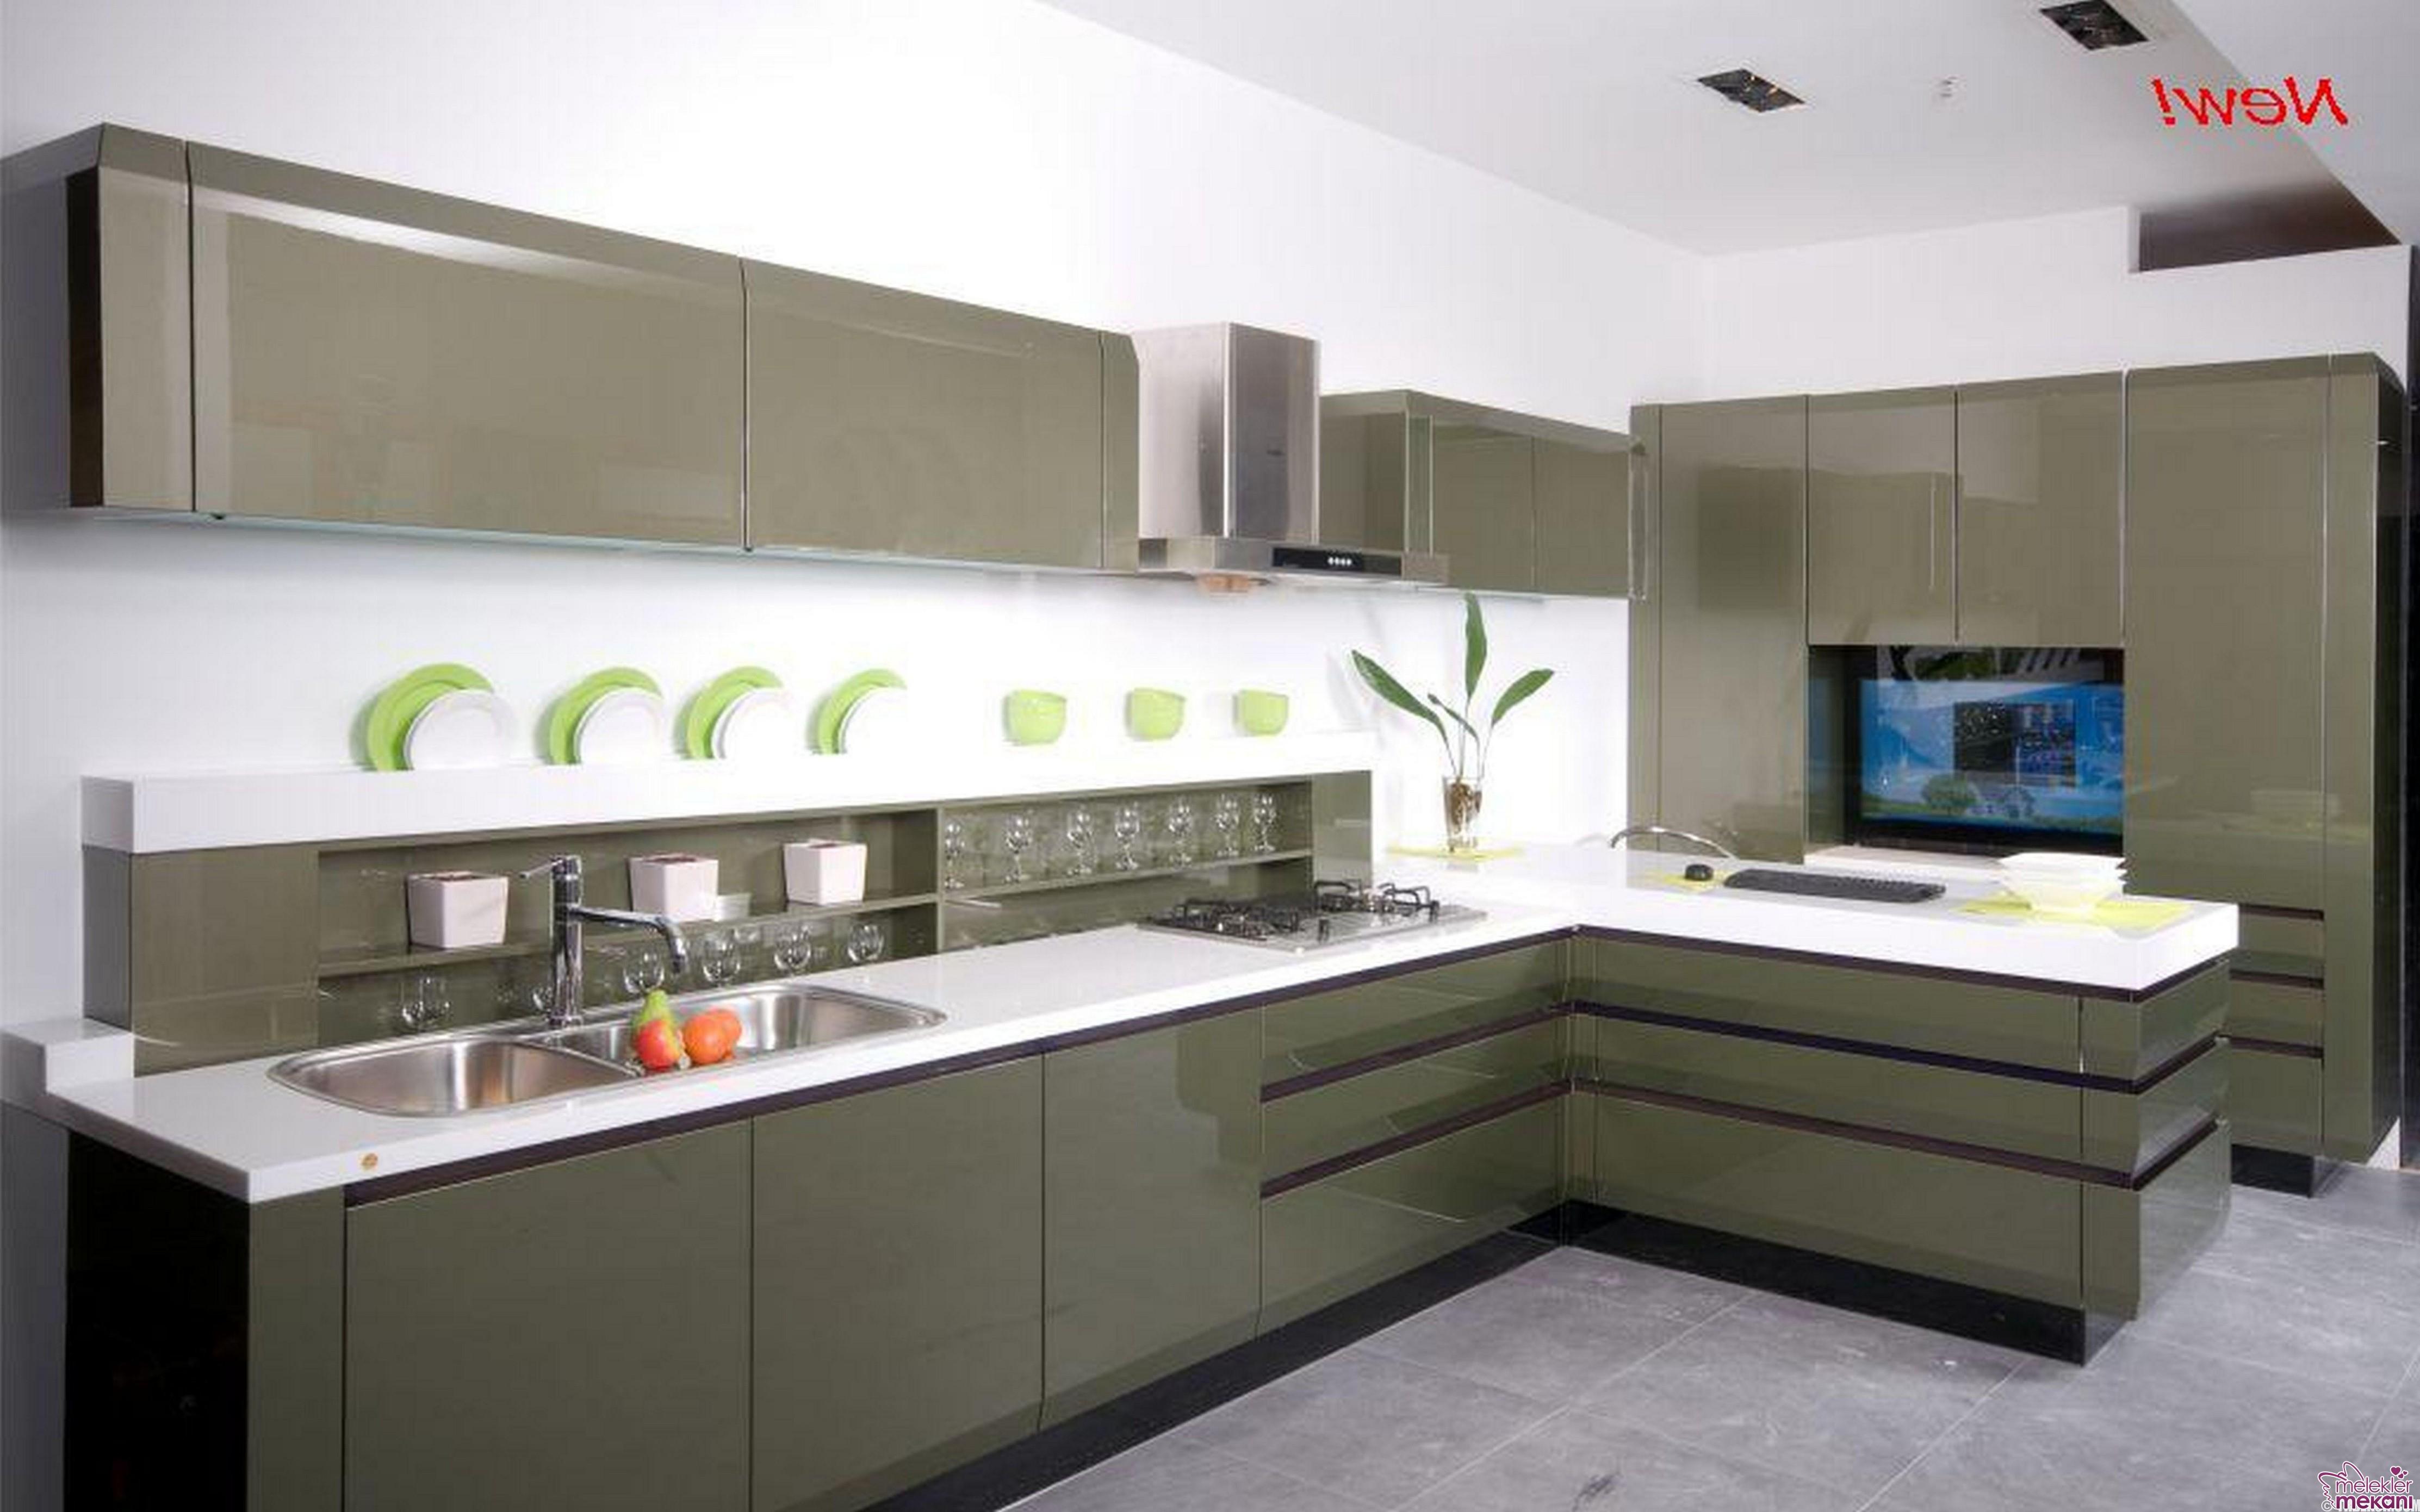 Modern mutfak dekorasyonları tasarımları uygulaması için en güzel mutfak-dolapları 2016 koleksiyonlarından faydalanabilirsiniz.